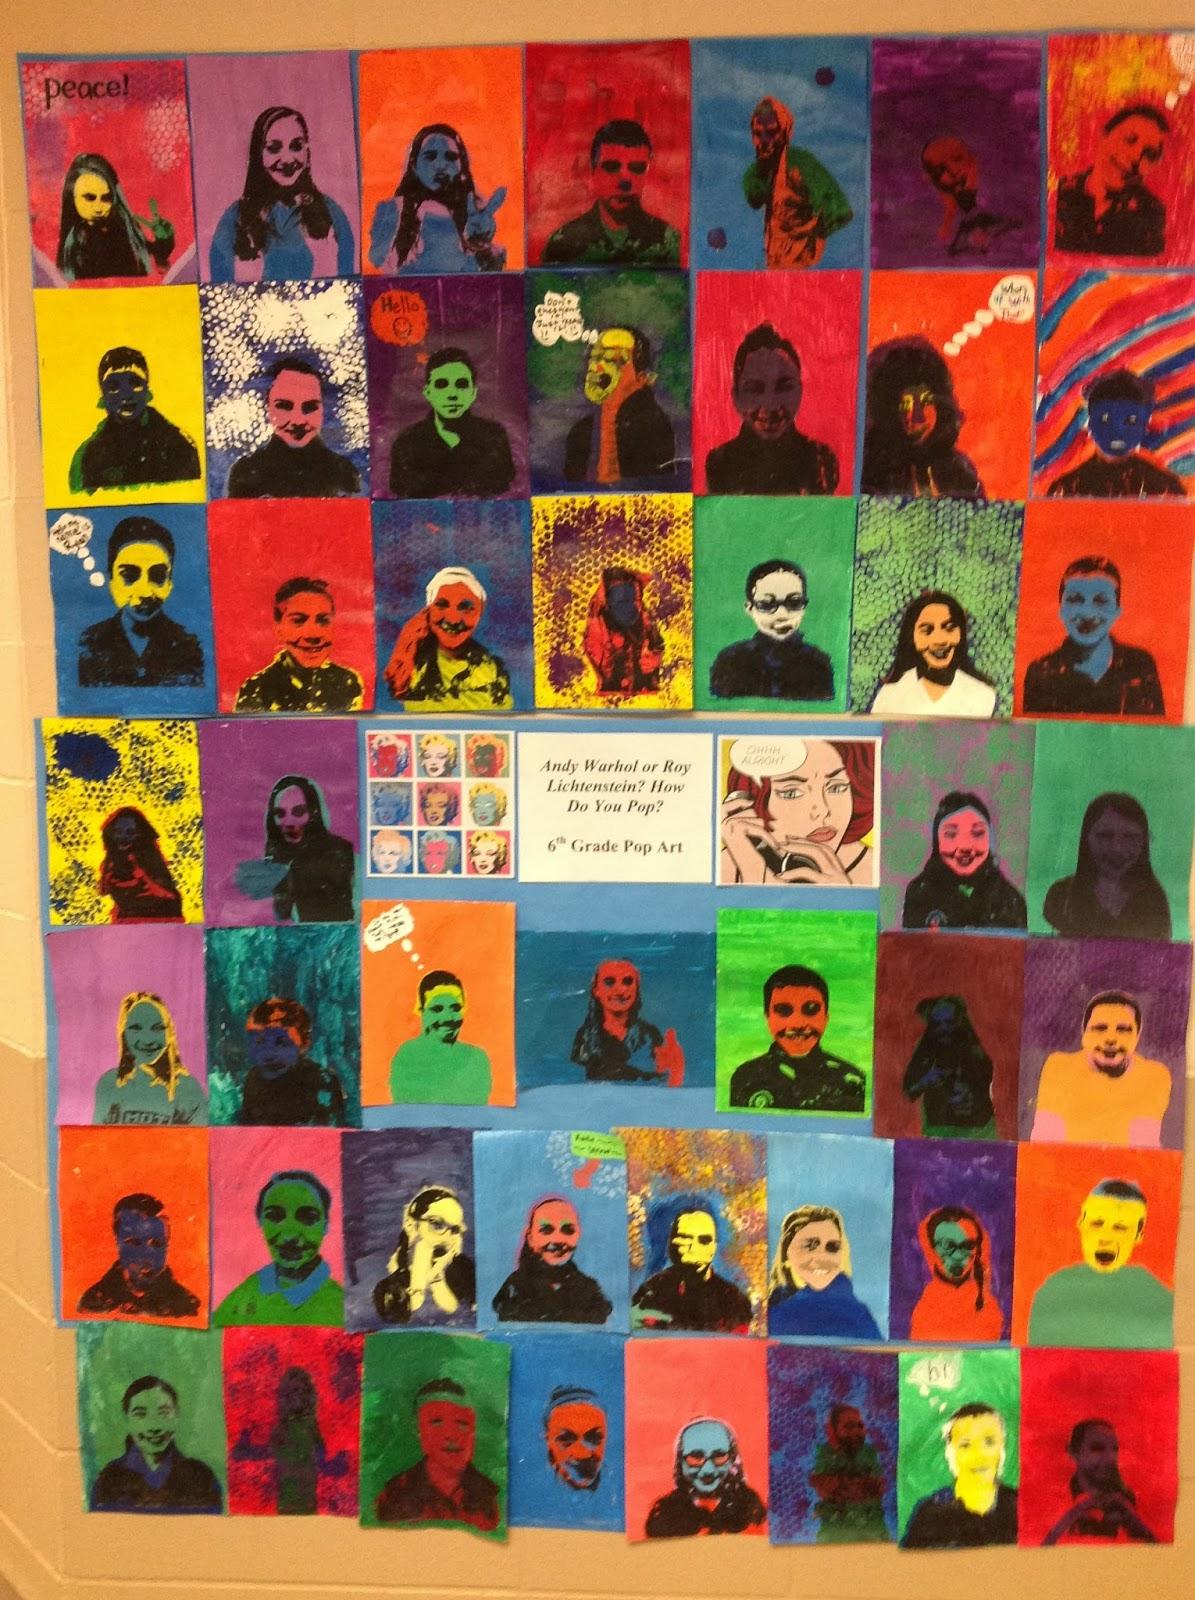 6th Grade Pop Art Portraits Inspired by Warhol and Lichtenstein